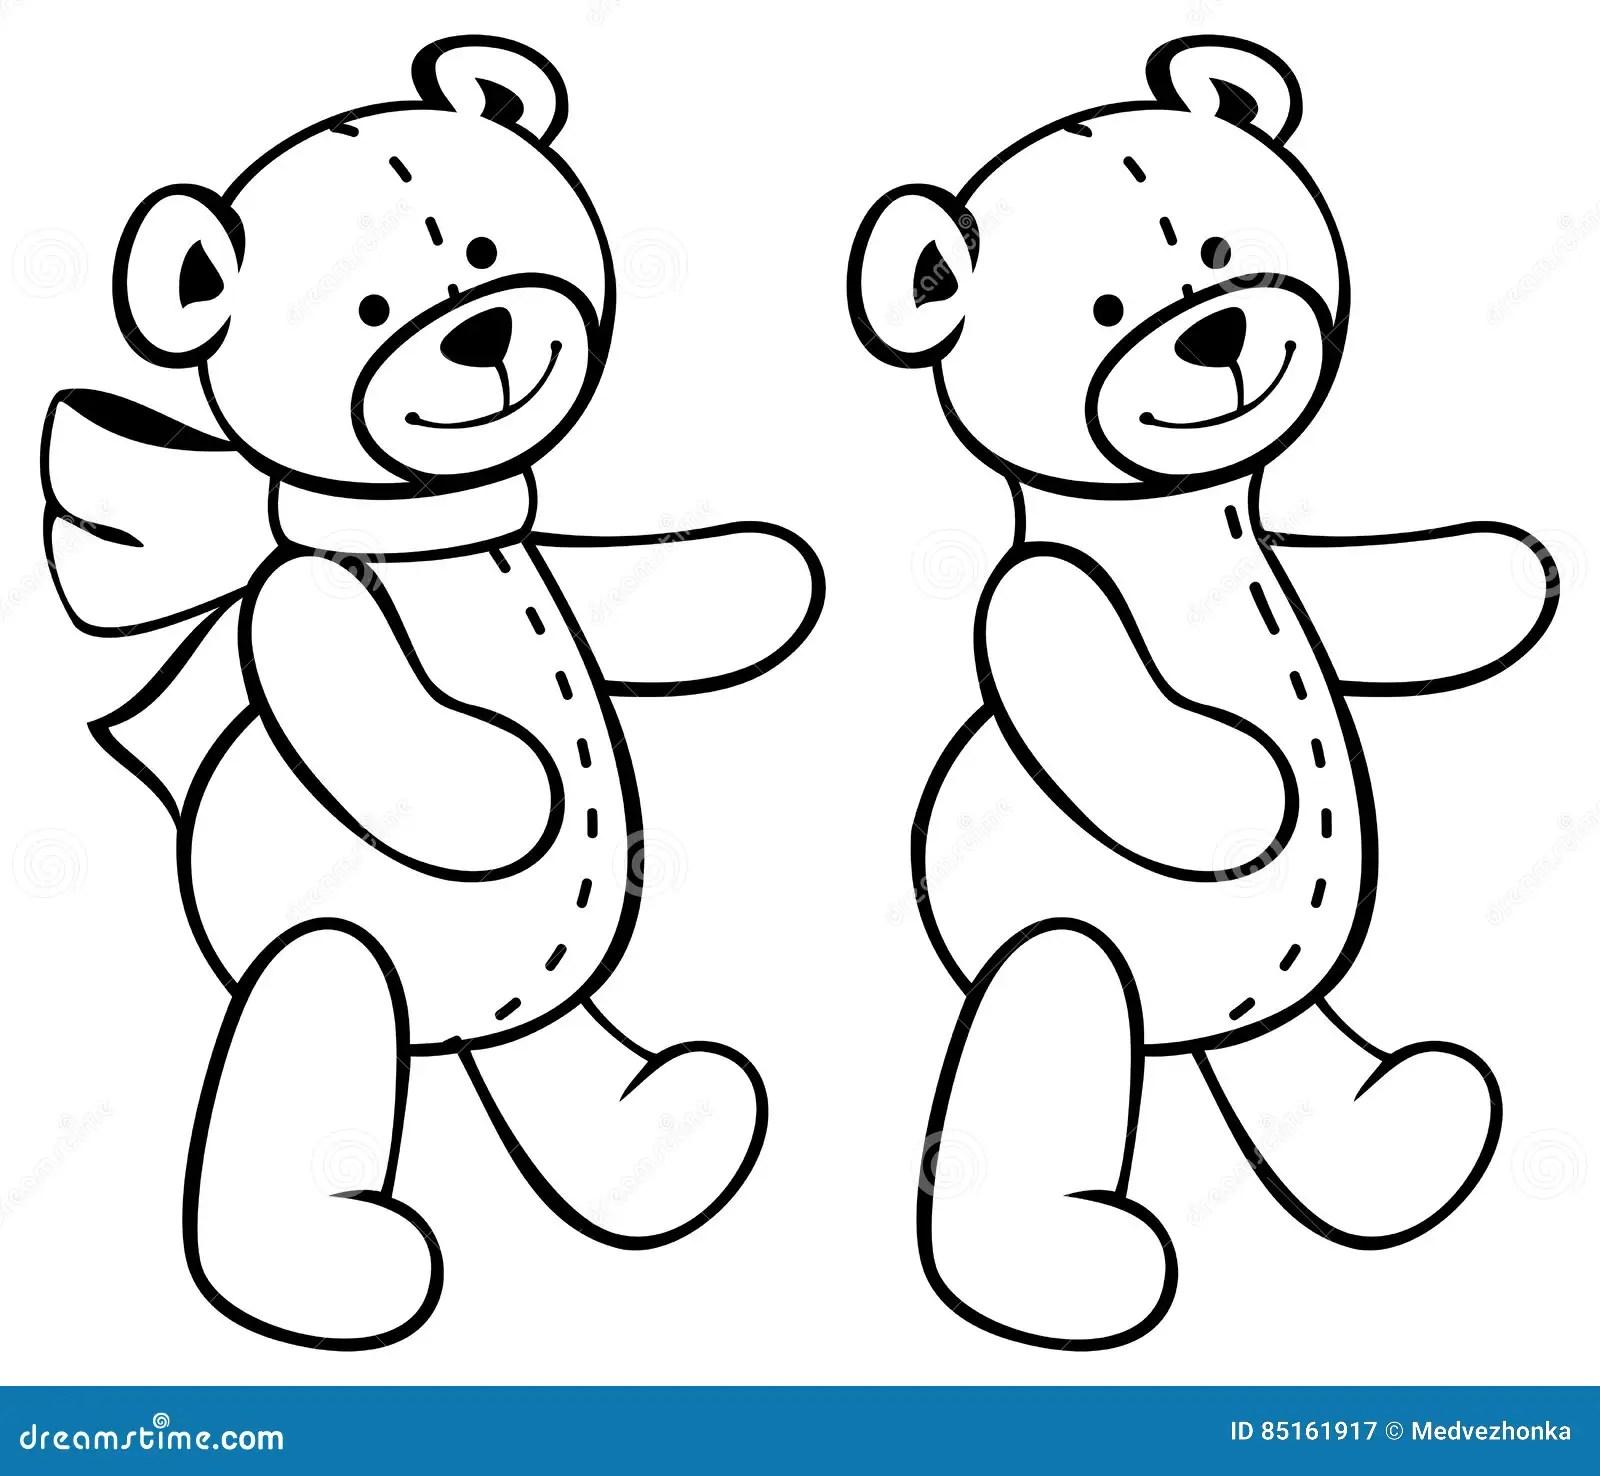 Cute Teddy Bears. Children Toys. Raster Clip Art. Stock